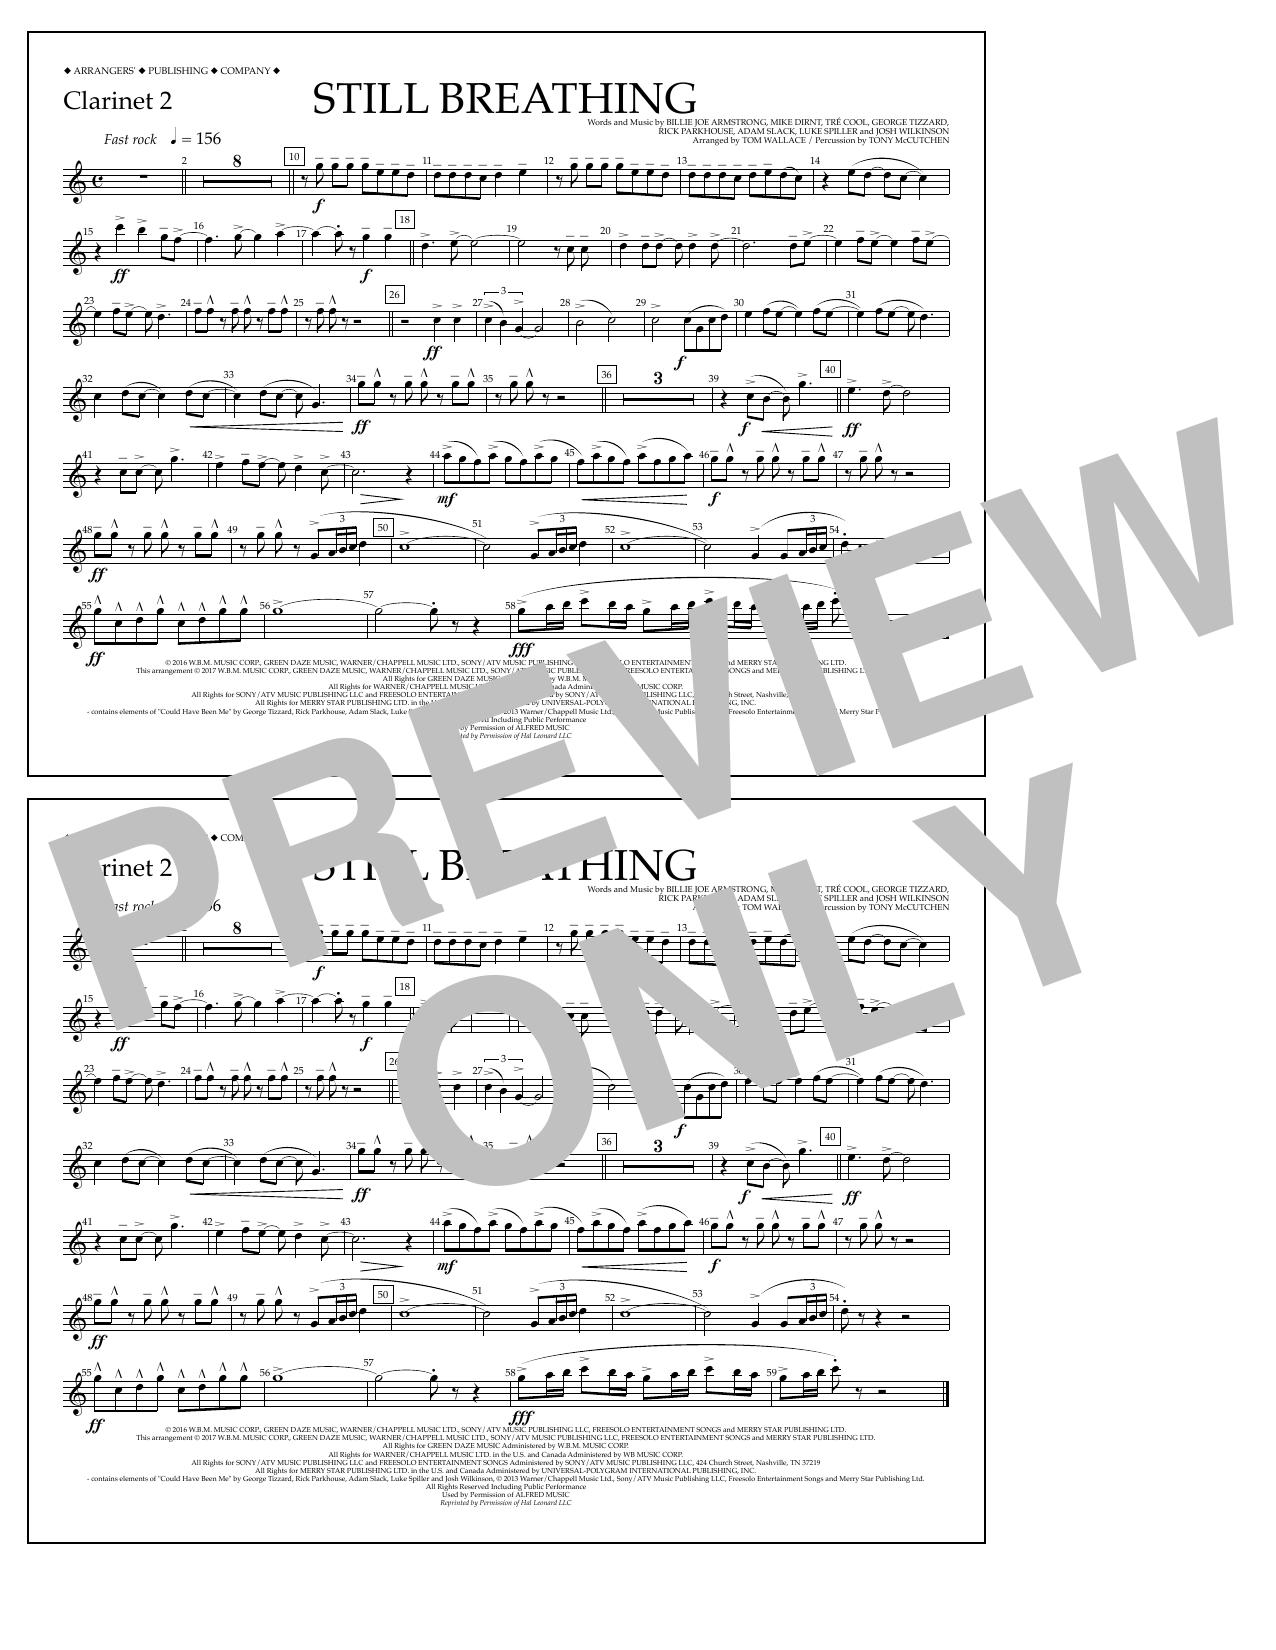 Still Breathing - Clarinet 2 Sheet Music